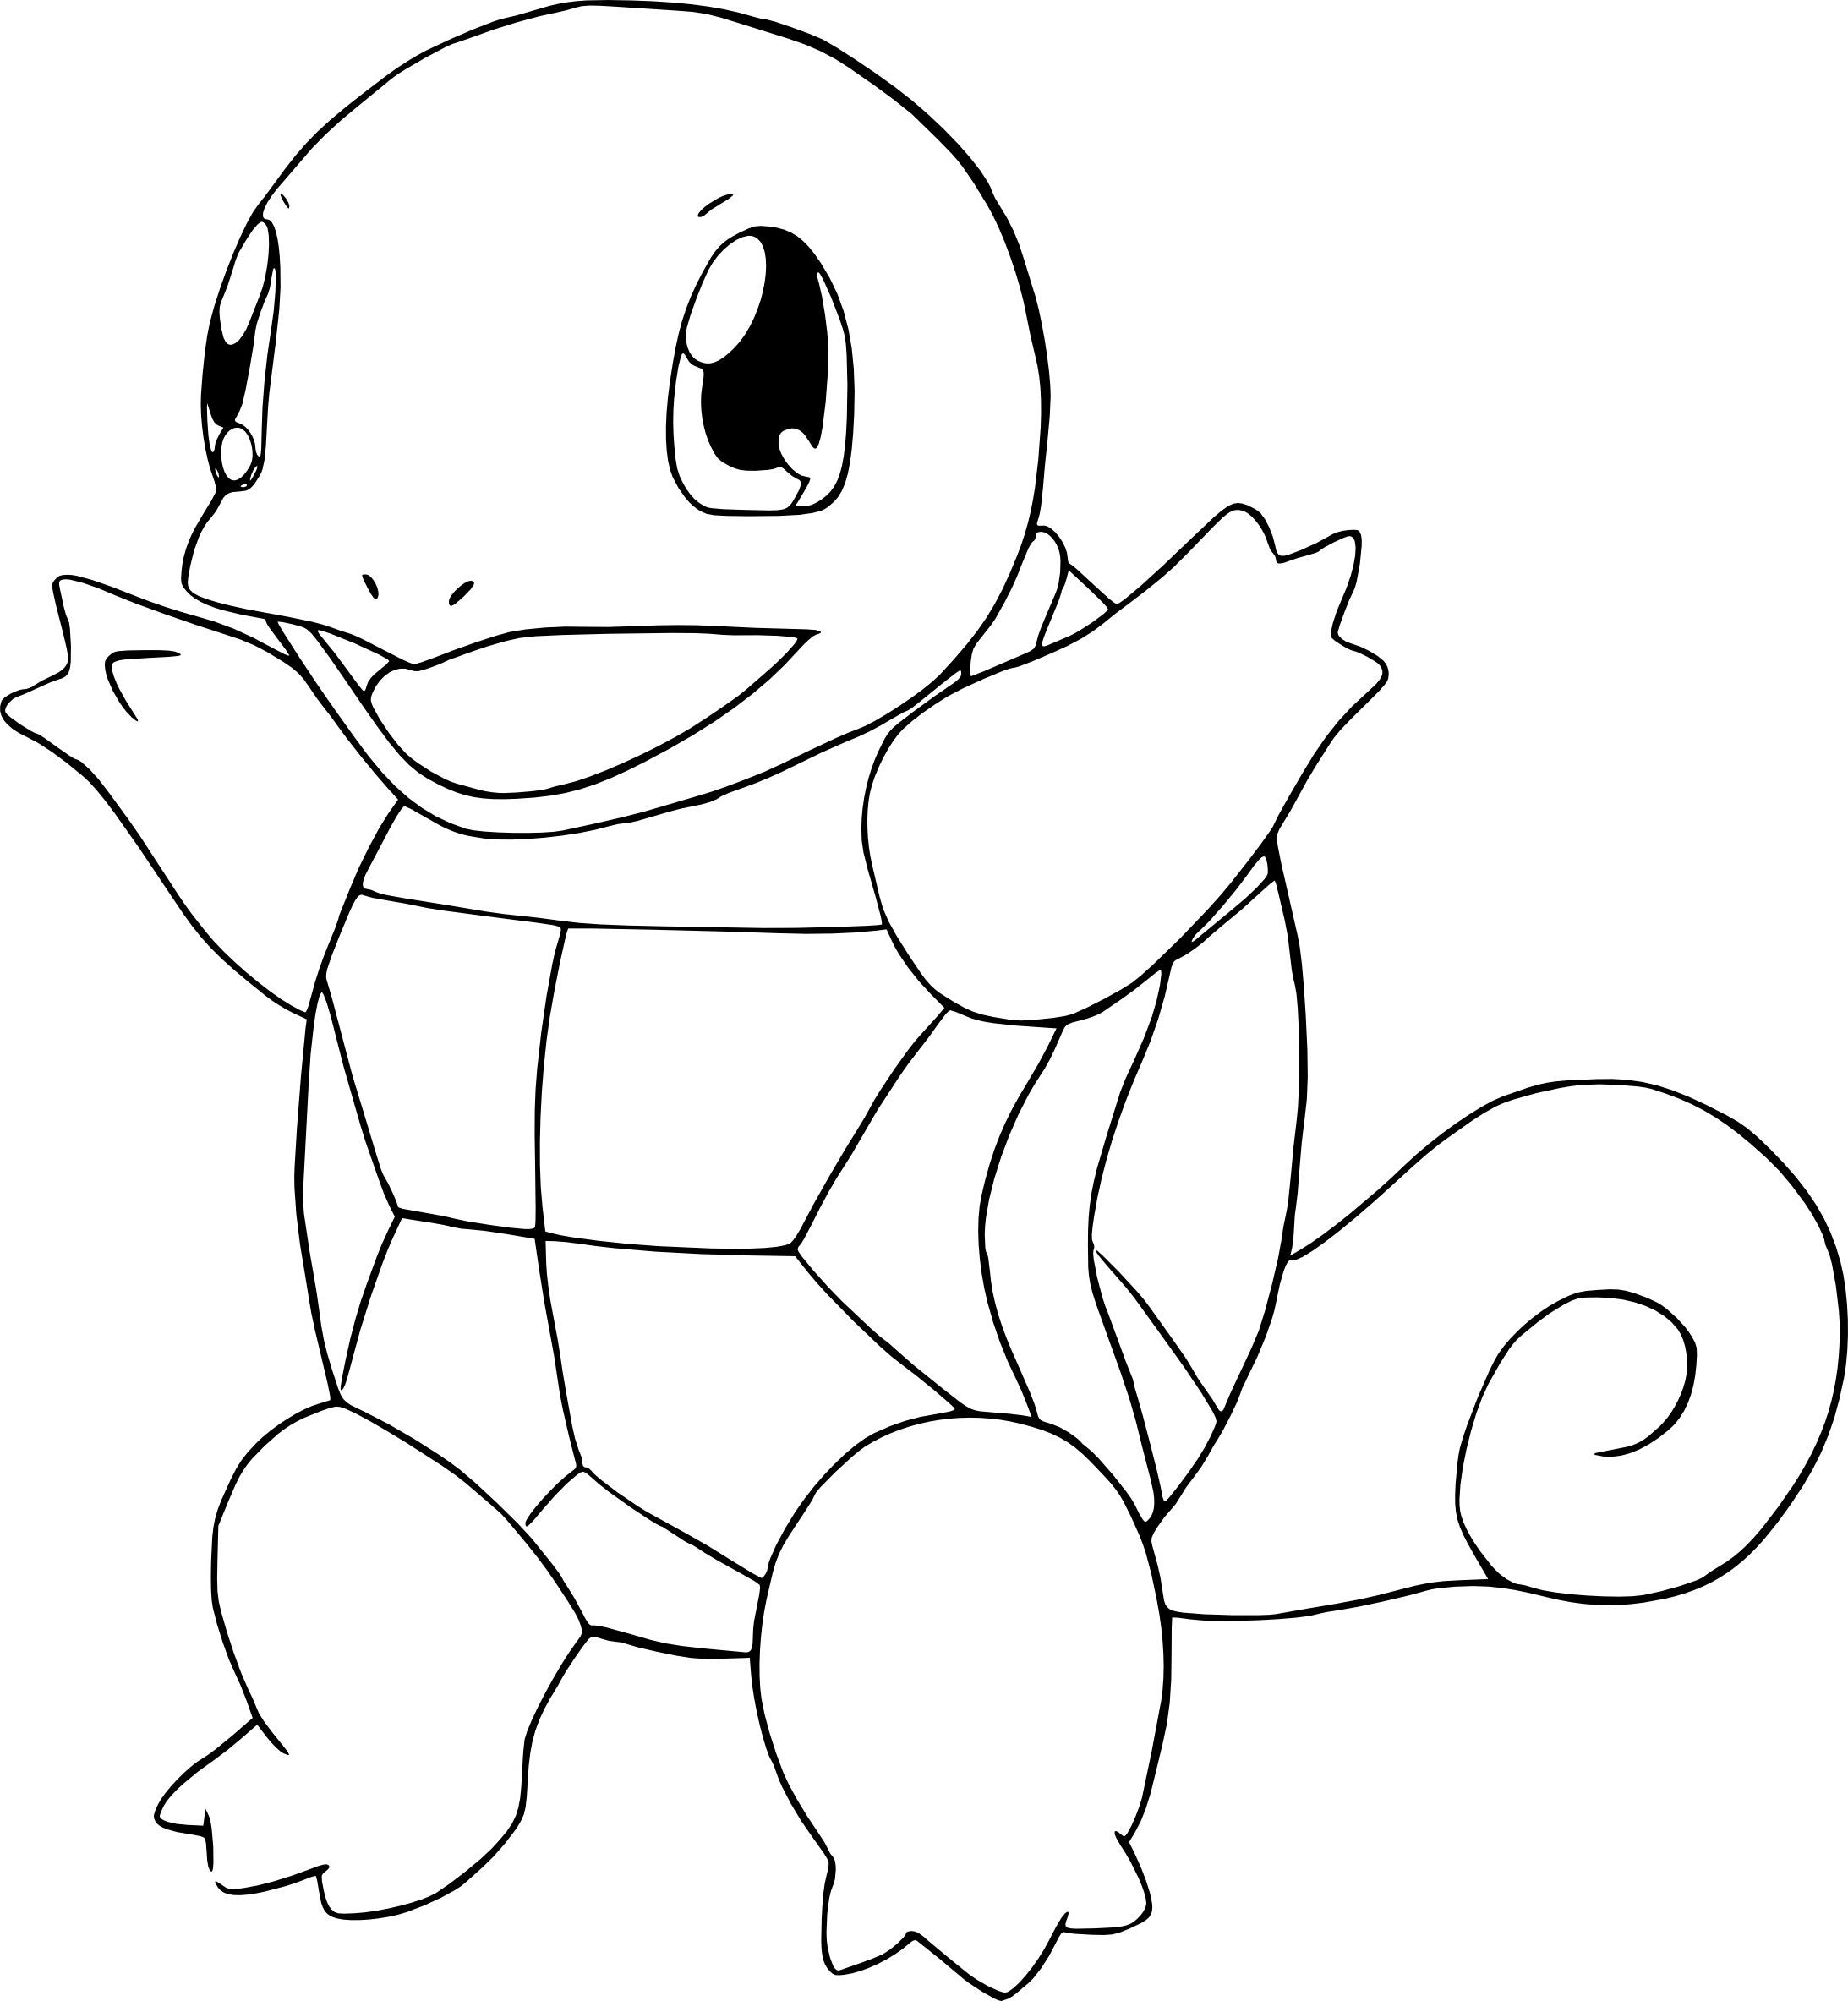 Imprimer Coloriage Pokemon Luxe Photos Meilleur De Dessin encequiconcerne Coloriage De Pokemon A Imprimer